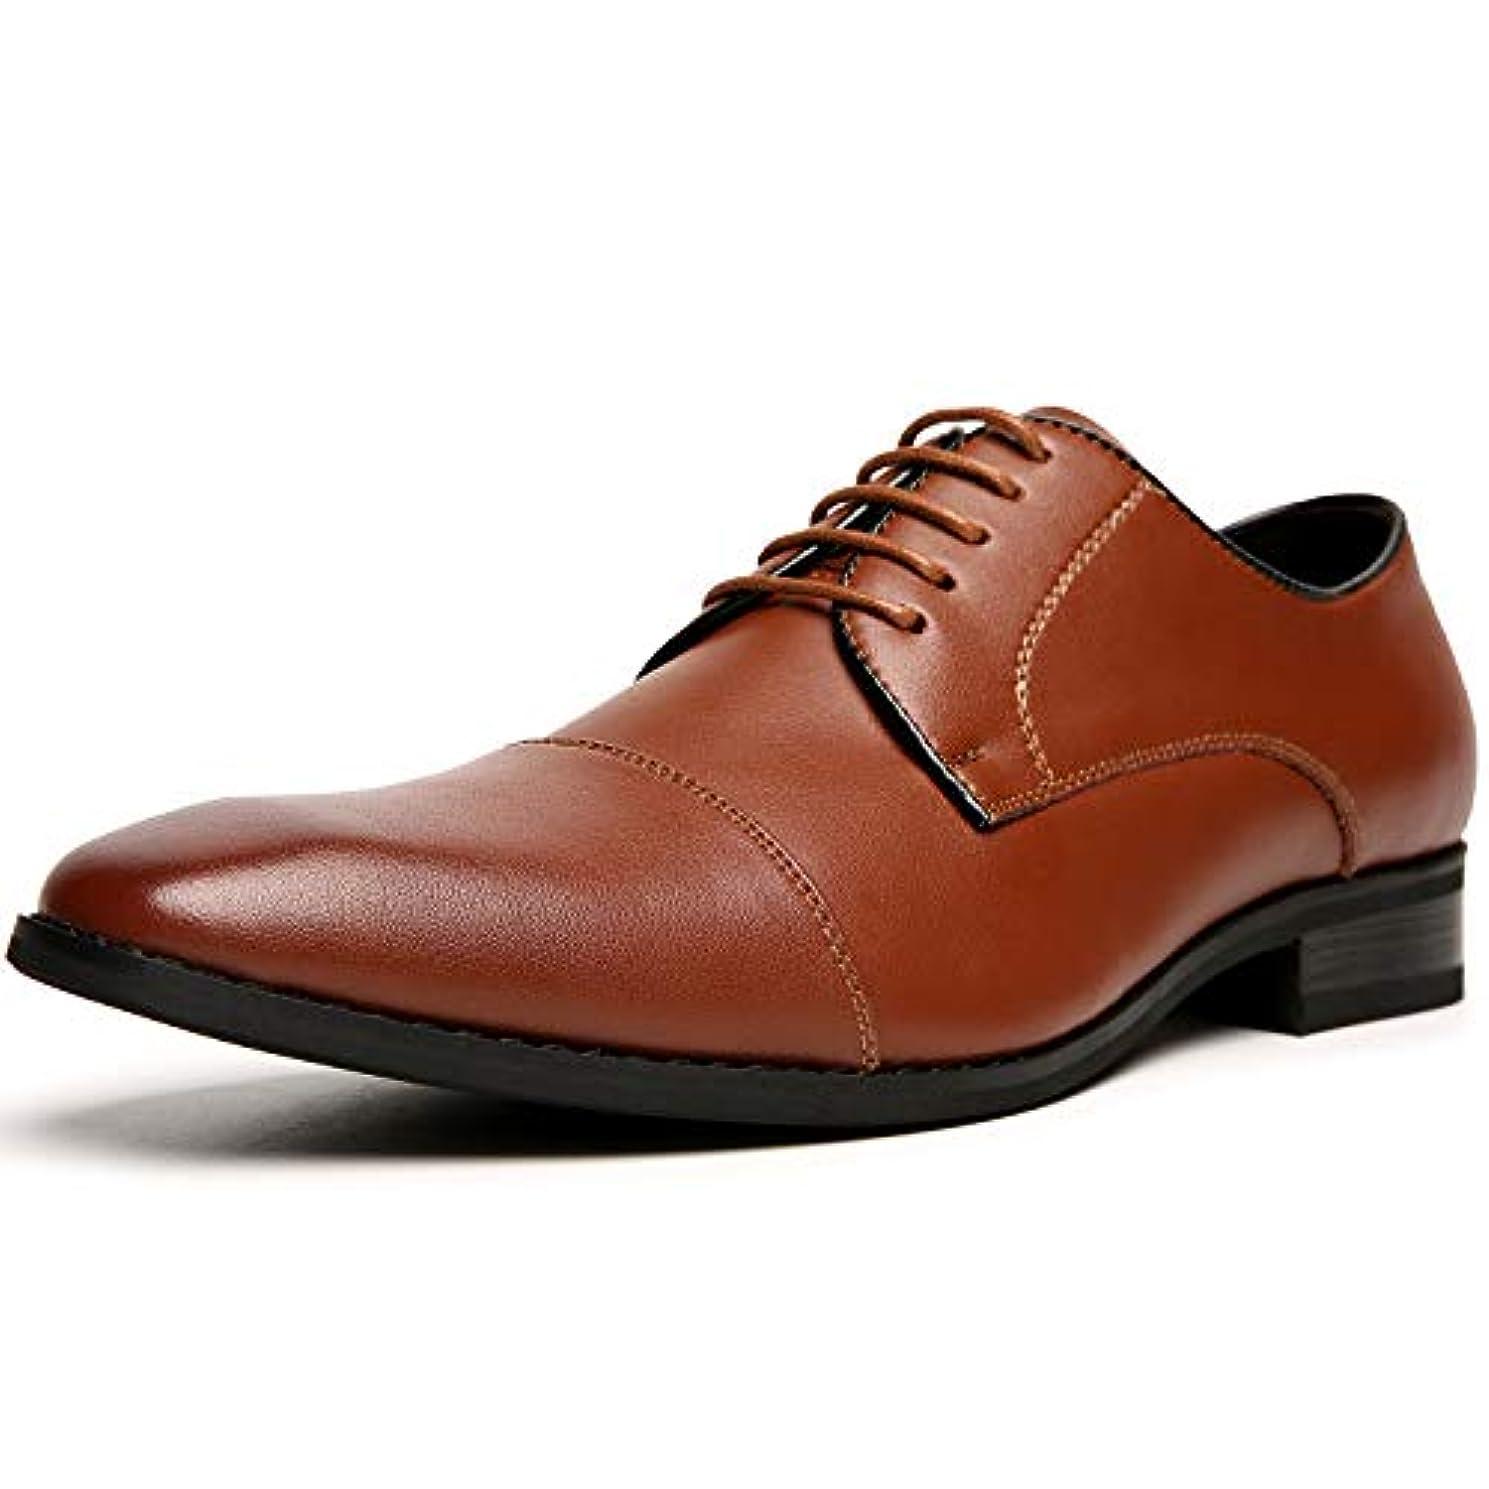 拾うアンドリューハリディスチュワード(フォクスセンス) Foxsense ビジネスシューズ 革靴 本革 ストレートチップ 紳士靴 外羽根